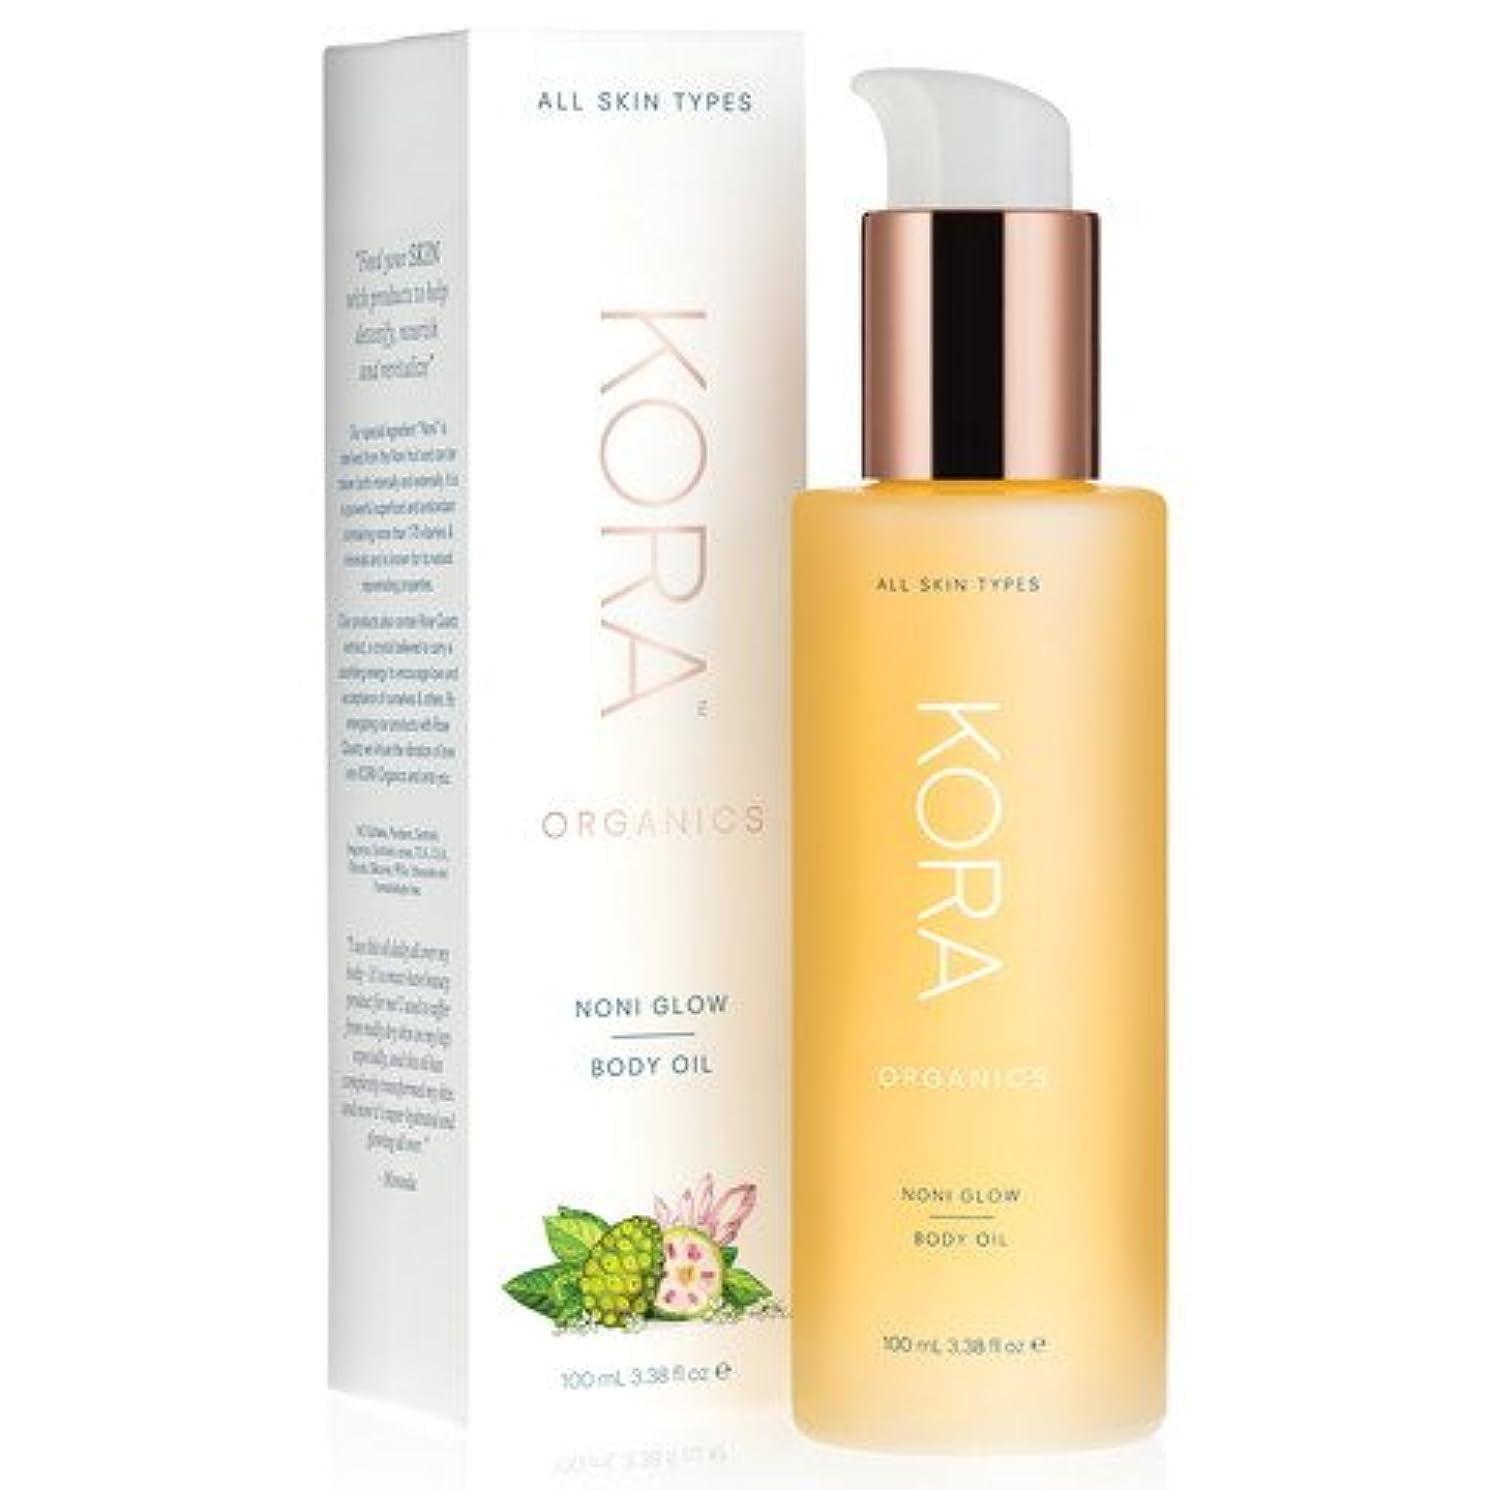 レーニン主義量でどれでも[Kora Organics]ノニ グロー Bodyオイル(全身用?ボディオイル )[Noni Glow Body Oil][海外直送品]